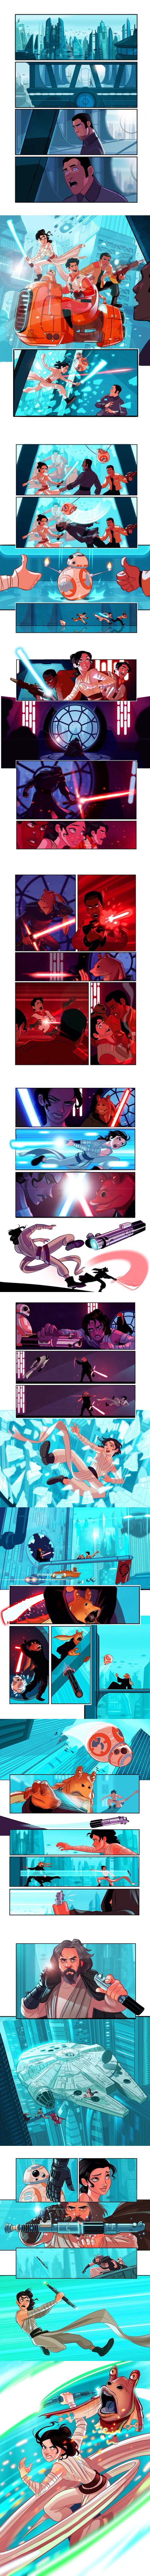 Star Wars Episode VII Le réveil de la force - Page 6 Aq5bvBM_700b_v1